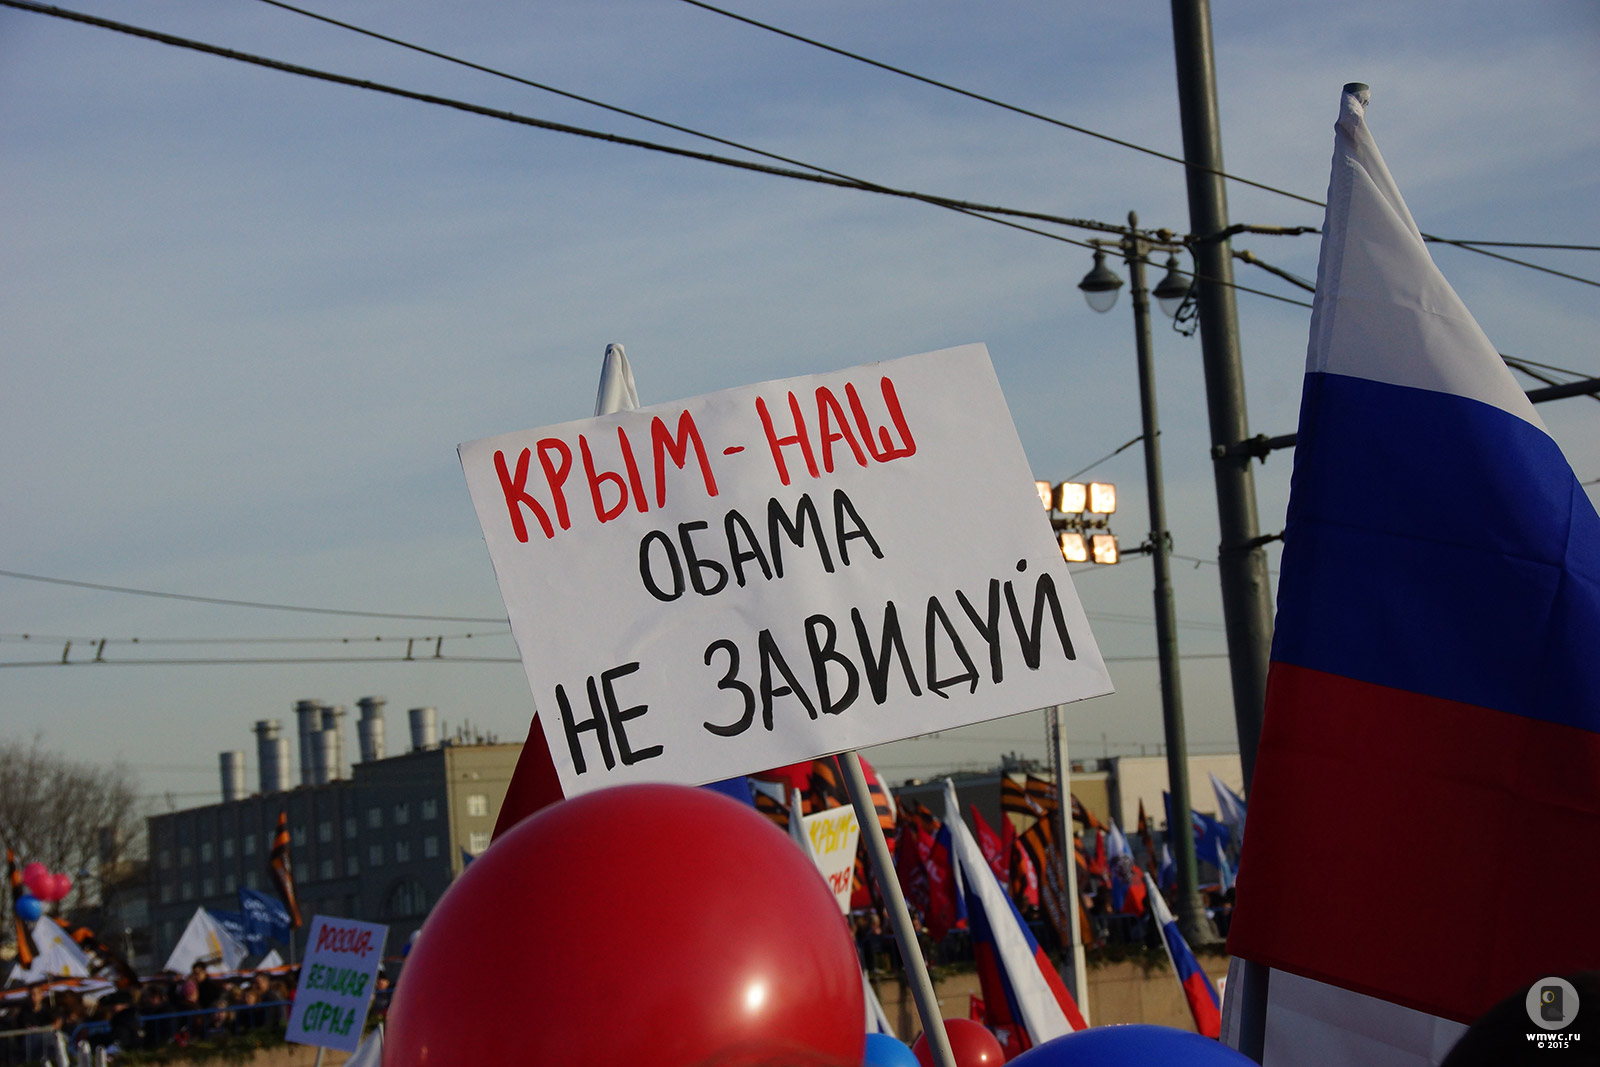 18 марта в Барнауле состоится большой бесплатный концерт в честь присоединения Крыма